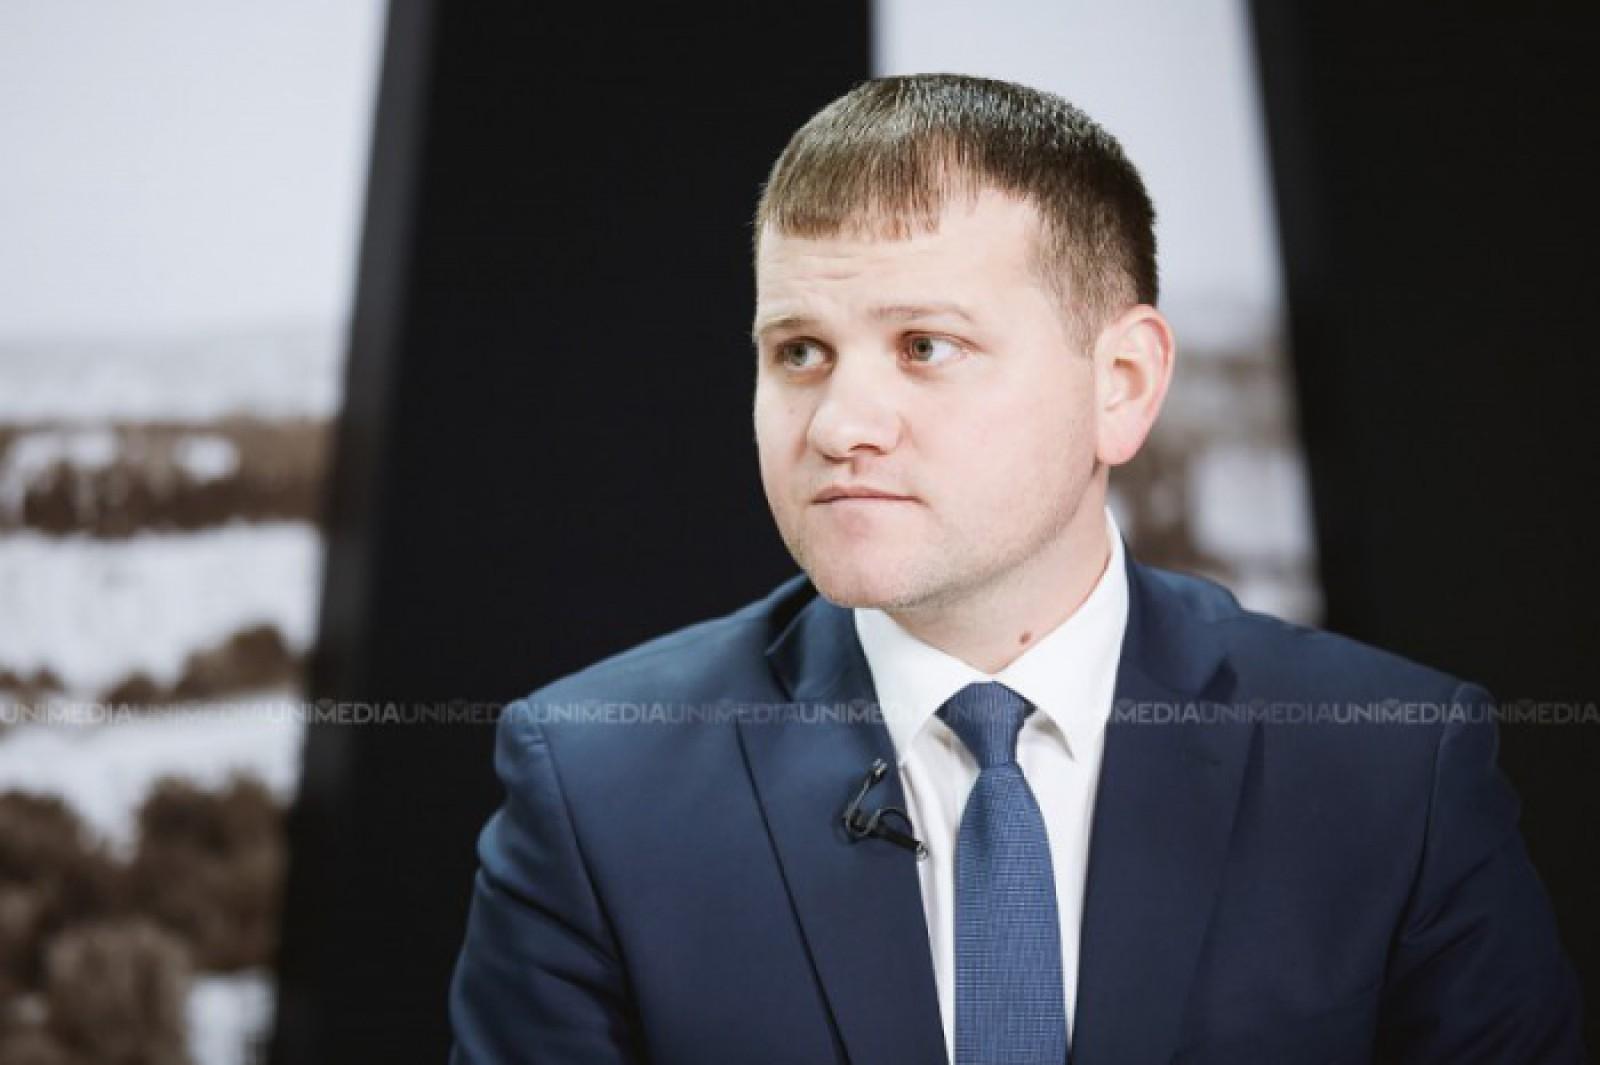 Ultima oră: Valeriu Munteanu, candidatul PL la alegerile locale din Chișinău